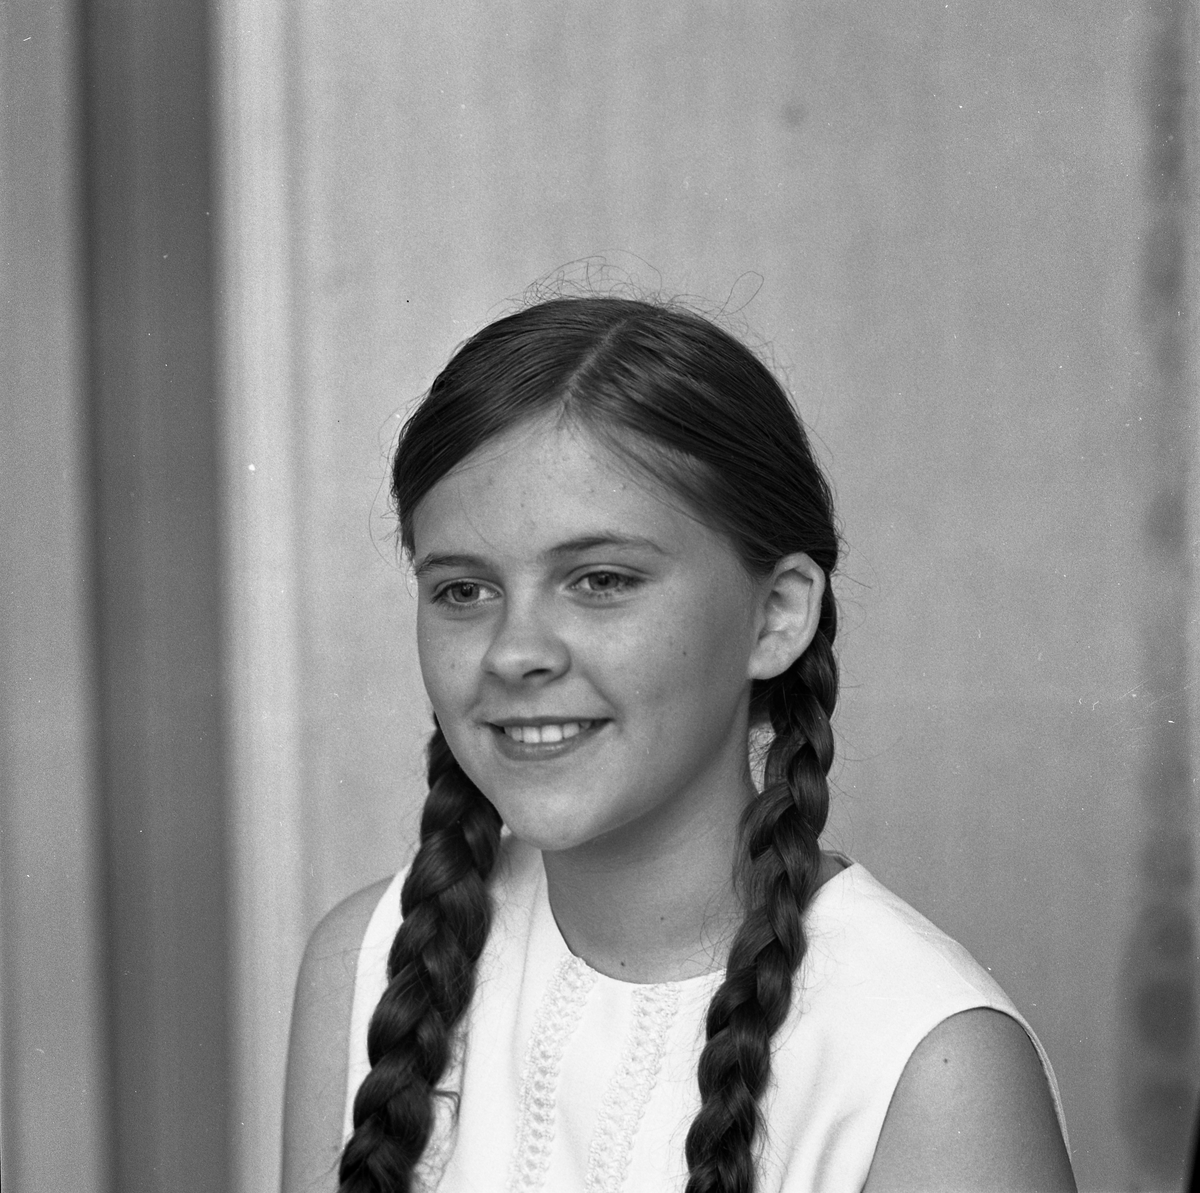 Lena Aldsjö, kandidat till Barnens Dagsprinsessan. Porträtt av flicka med flätor.